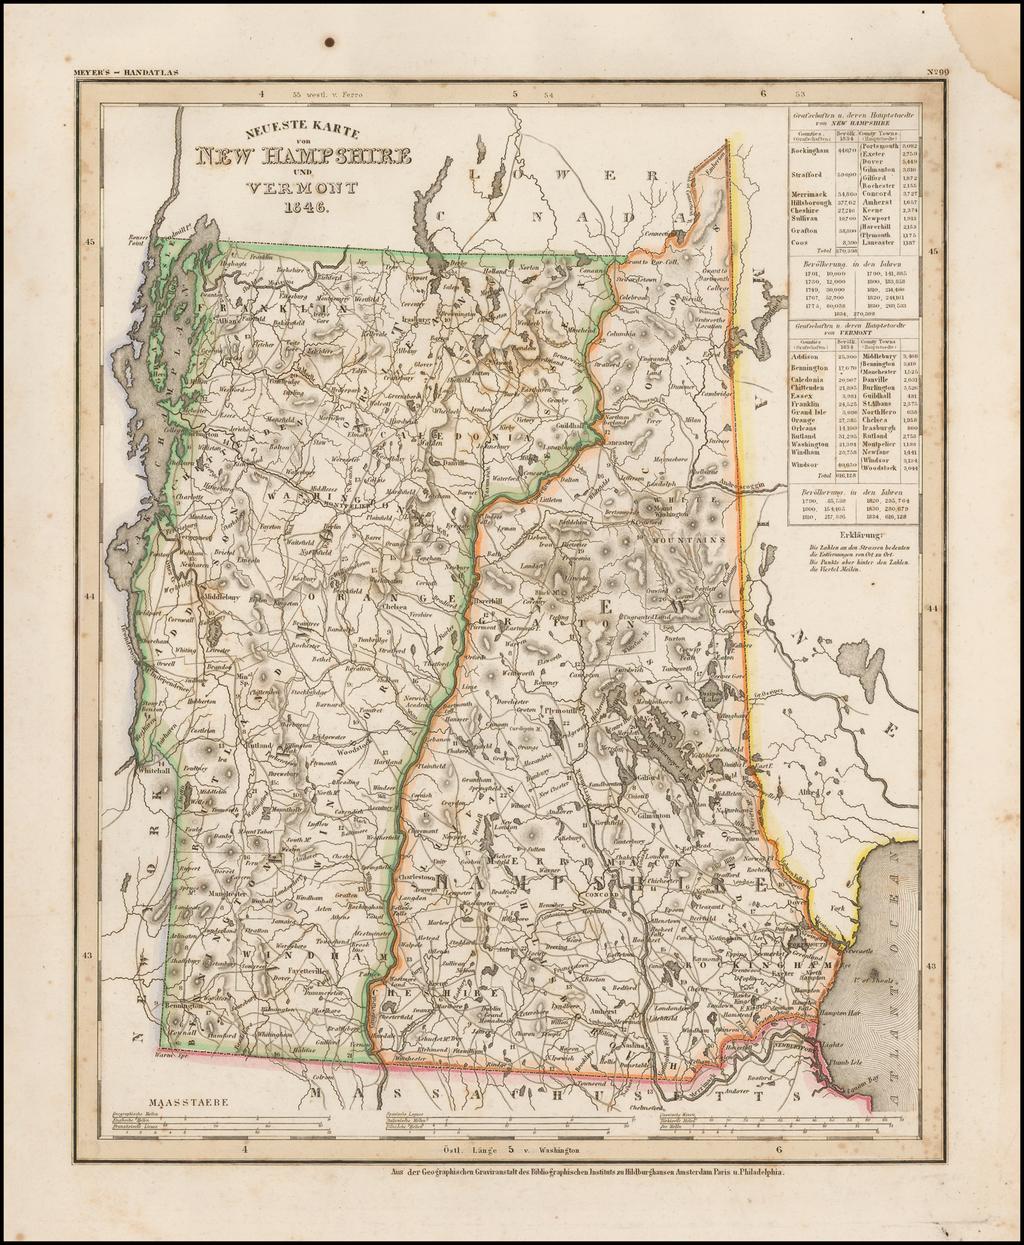 Neueste Karte von New Hampshire und Vermont 1846 By Joseph Meyer